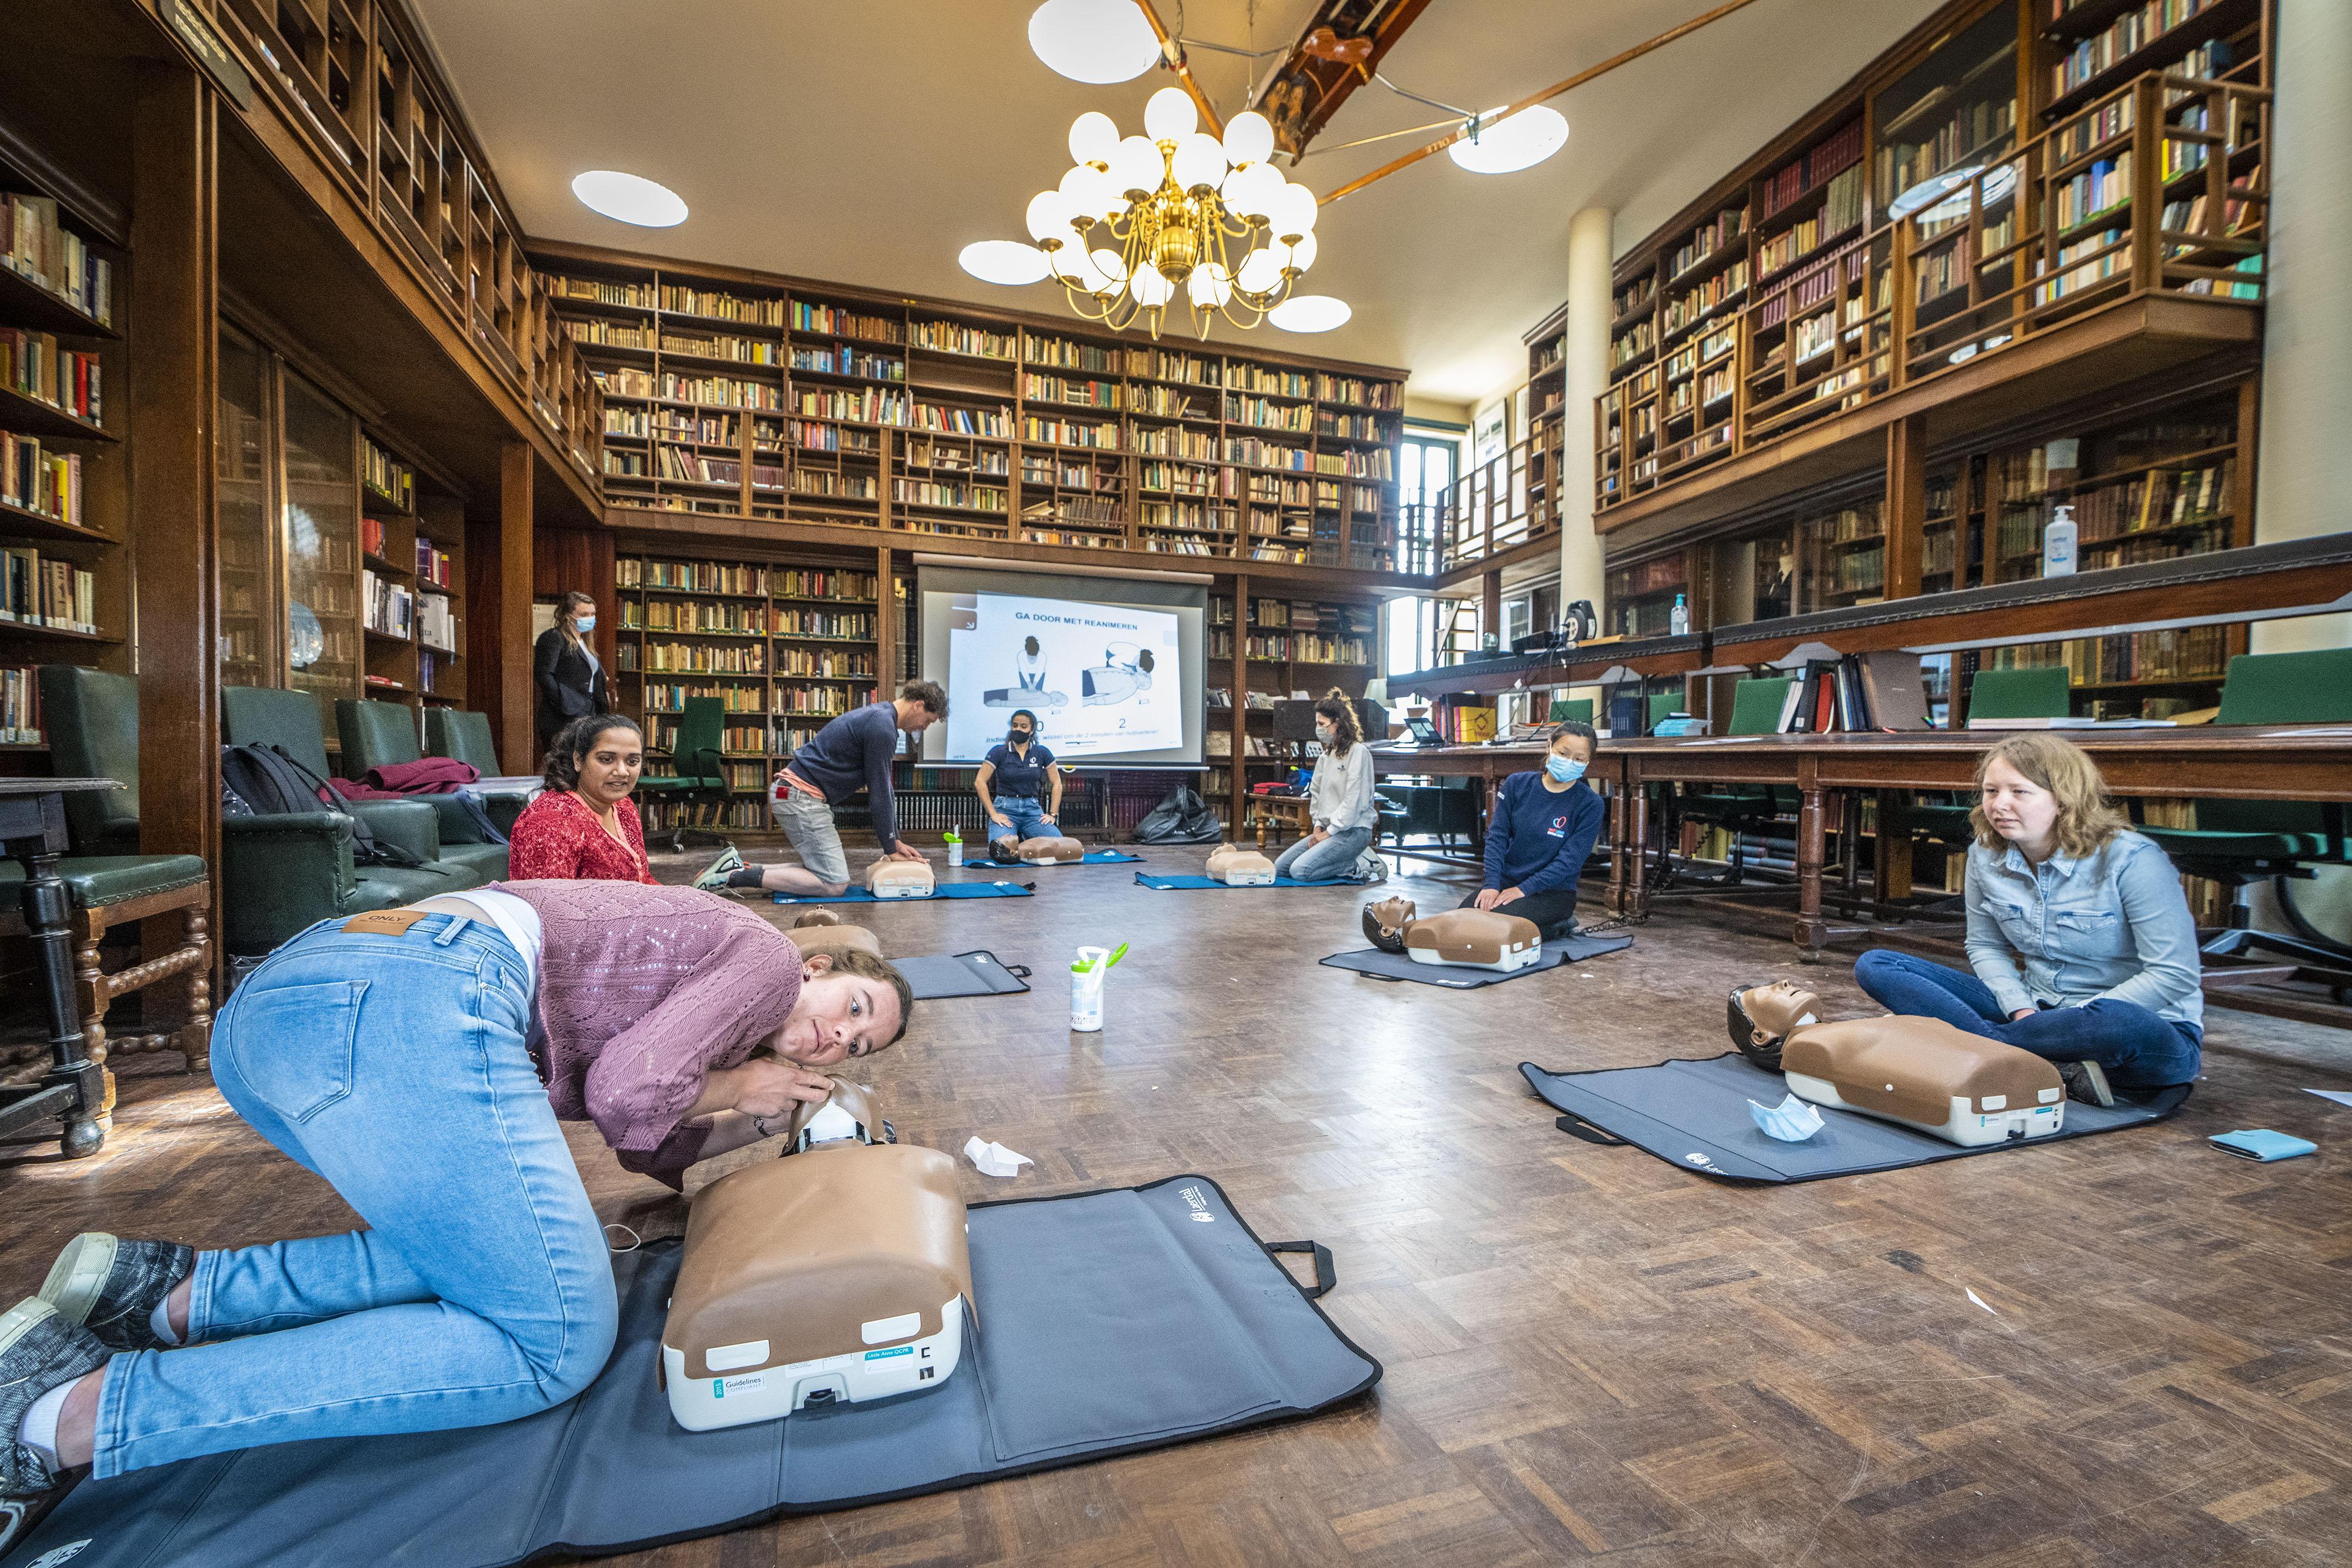 Leren reanimeren in de bibliotheek van studentenvereniging Minerva: 'Ik hoop de opgedane kennis nooit in de praktijk te hoeven gebruiken'